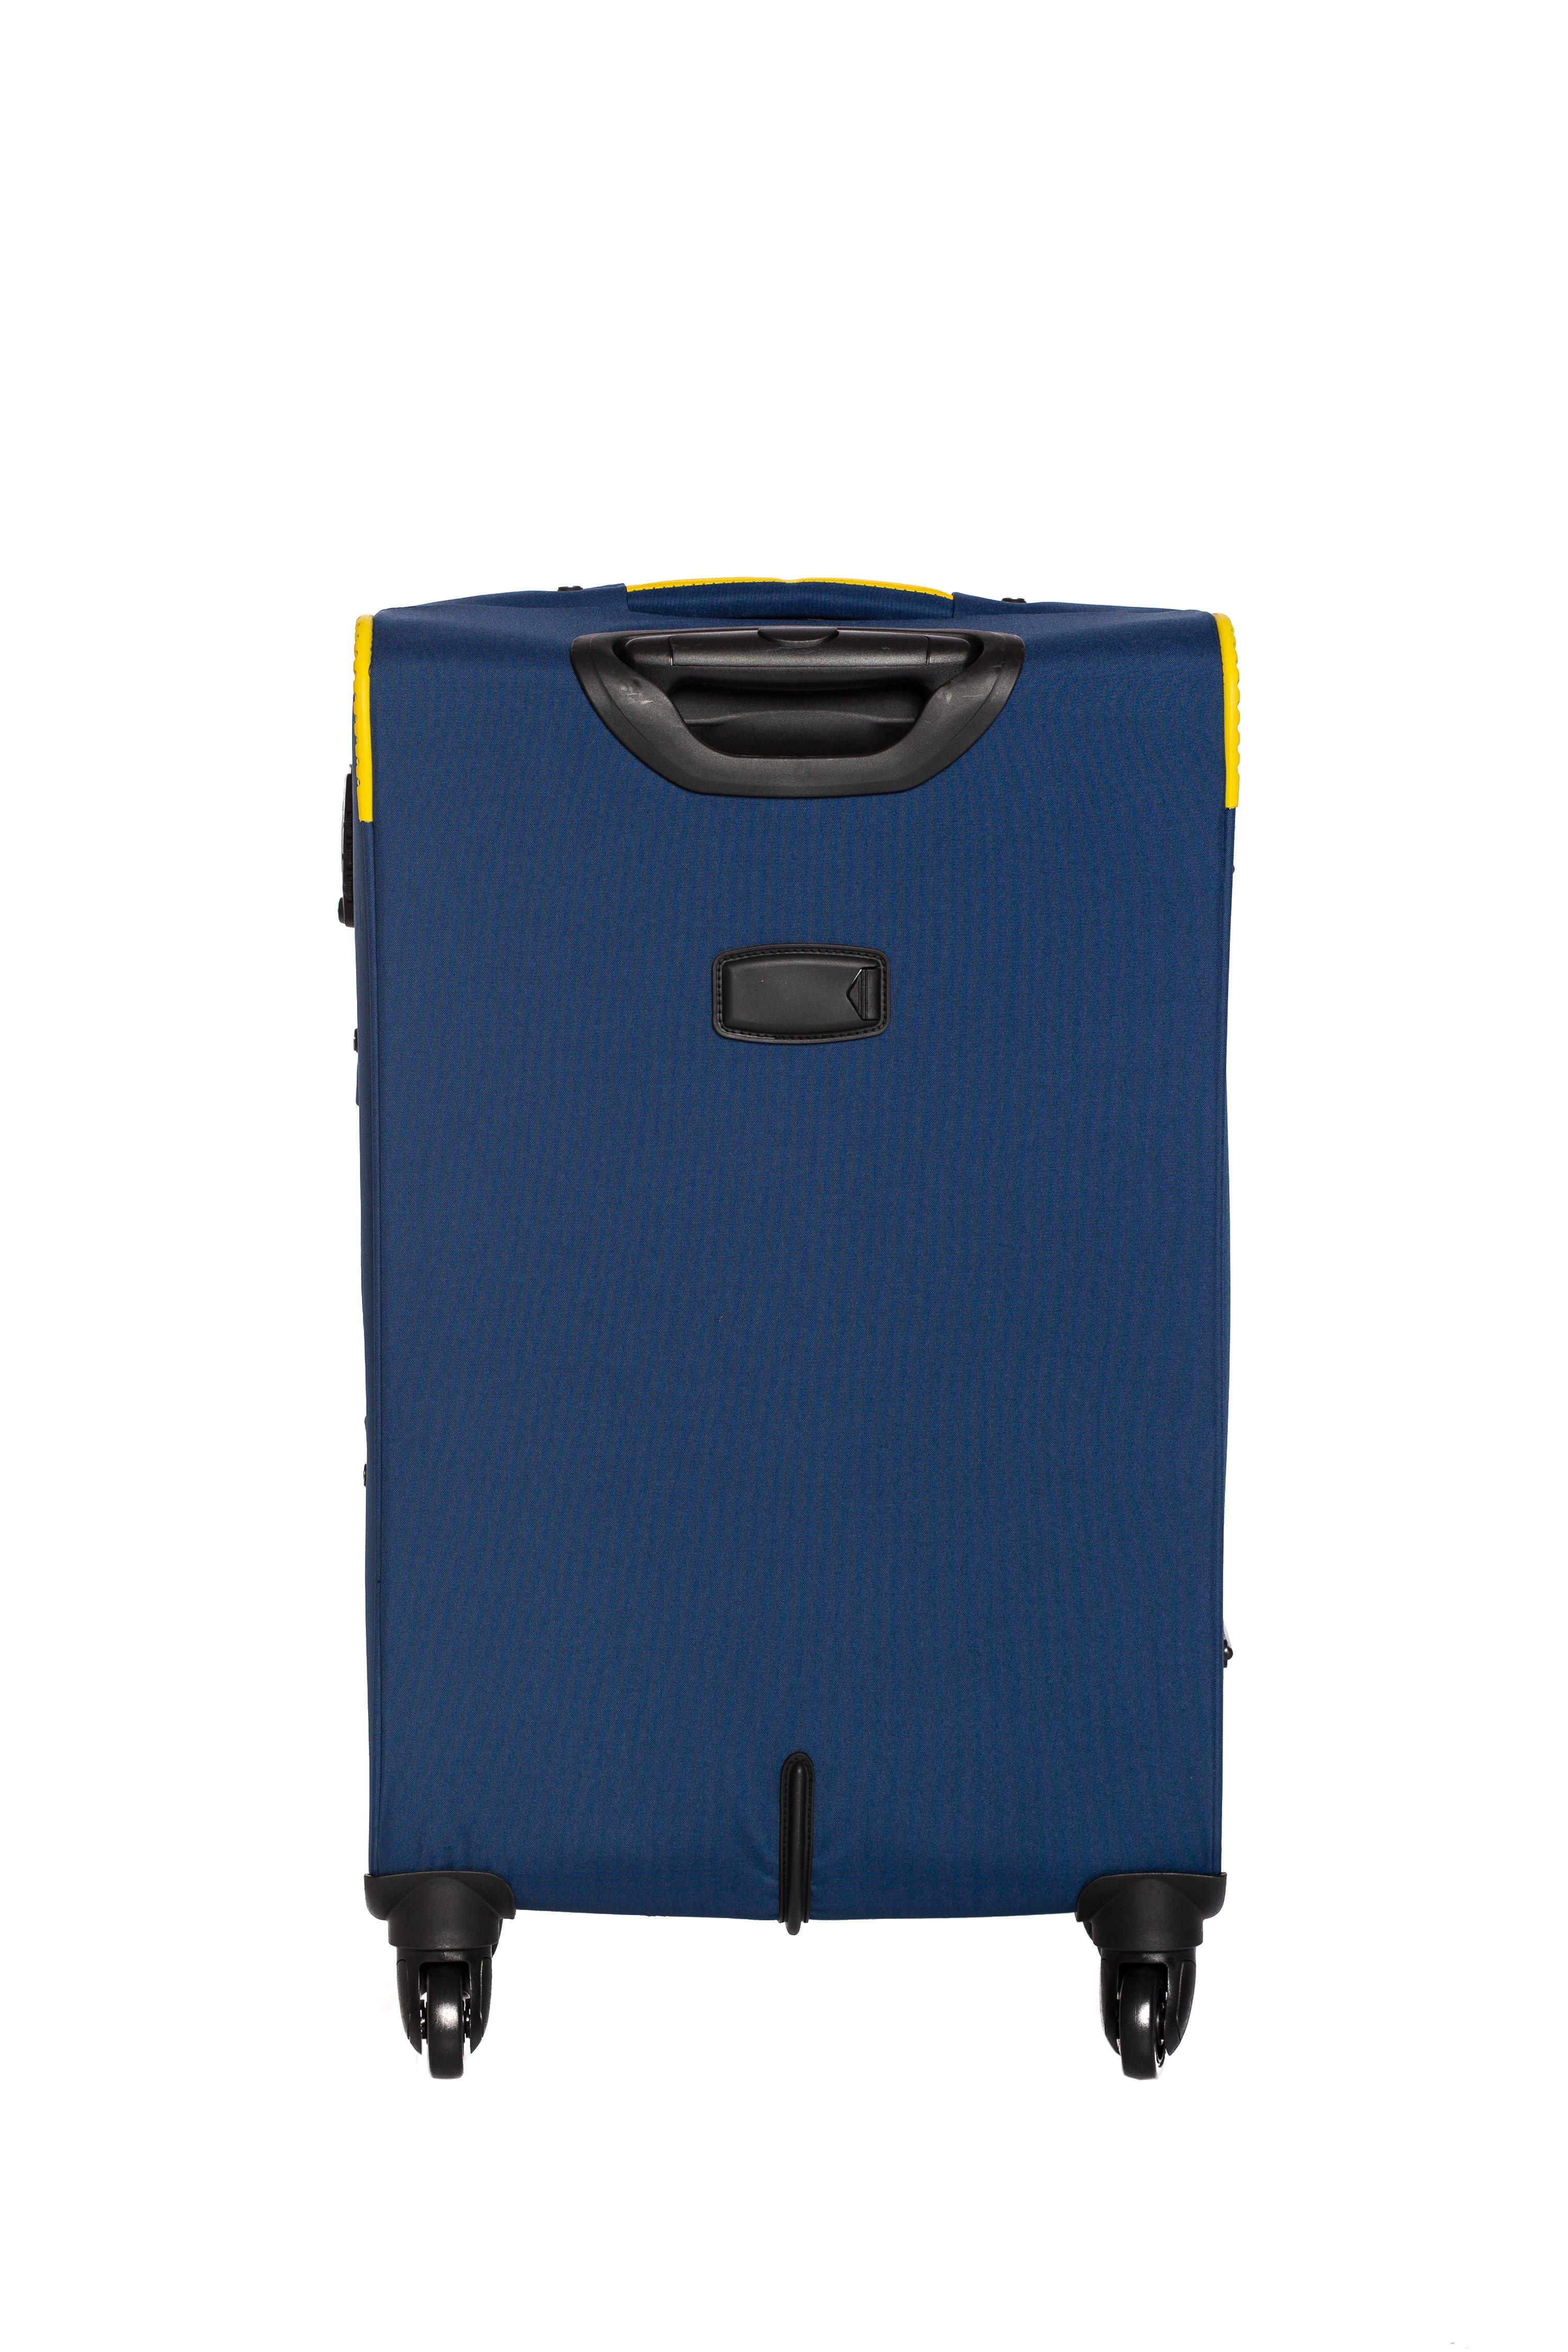 Troler Mirano Cosmo 65 Blue [3]